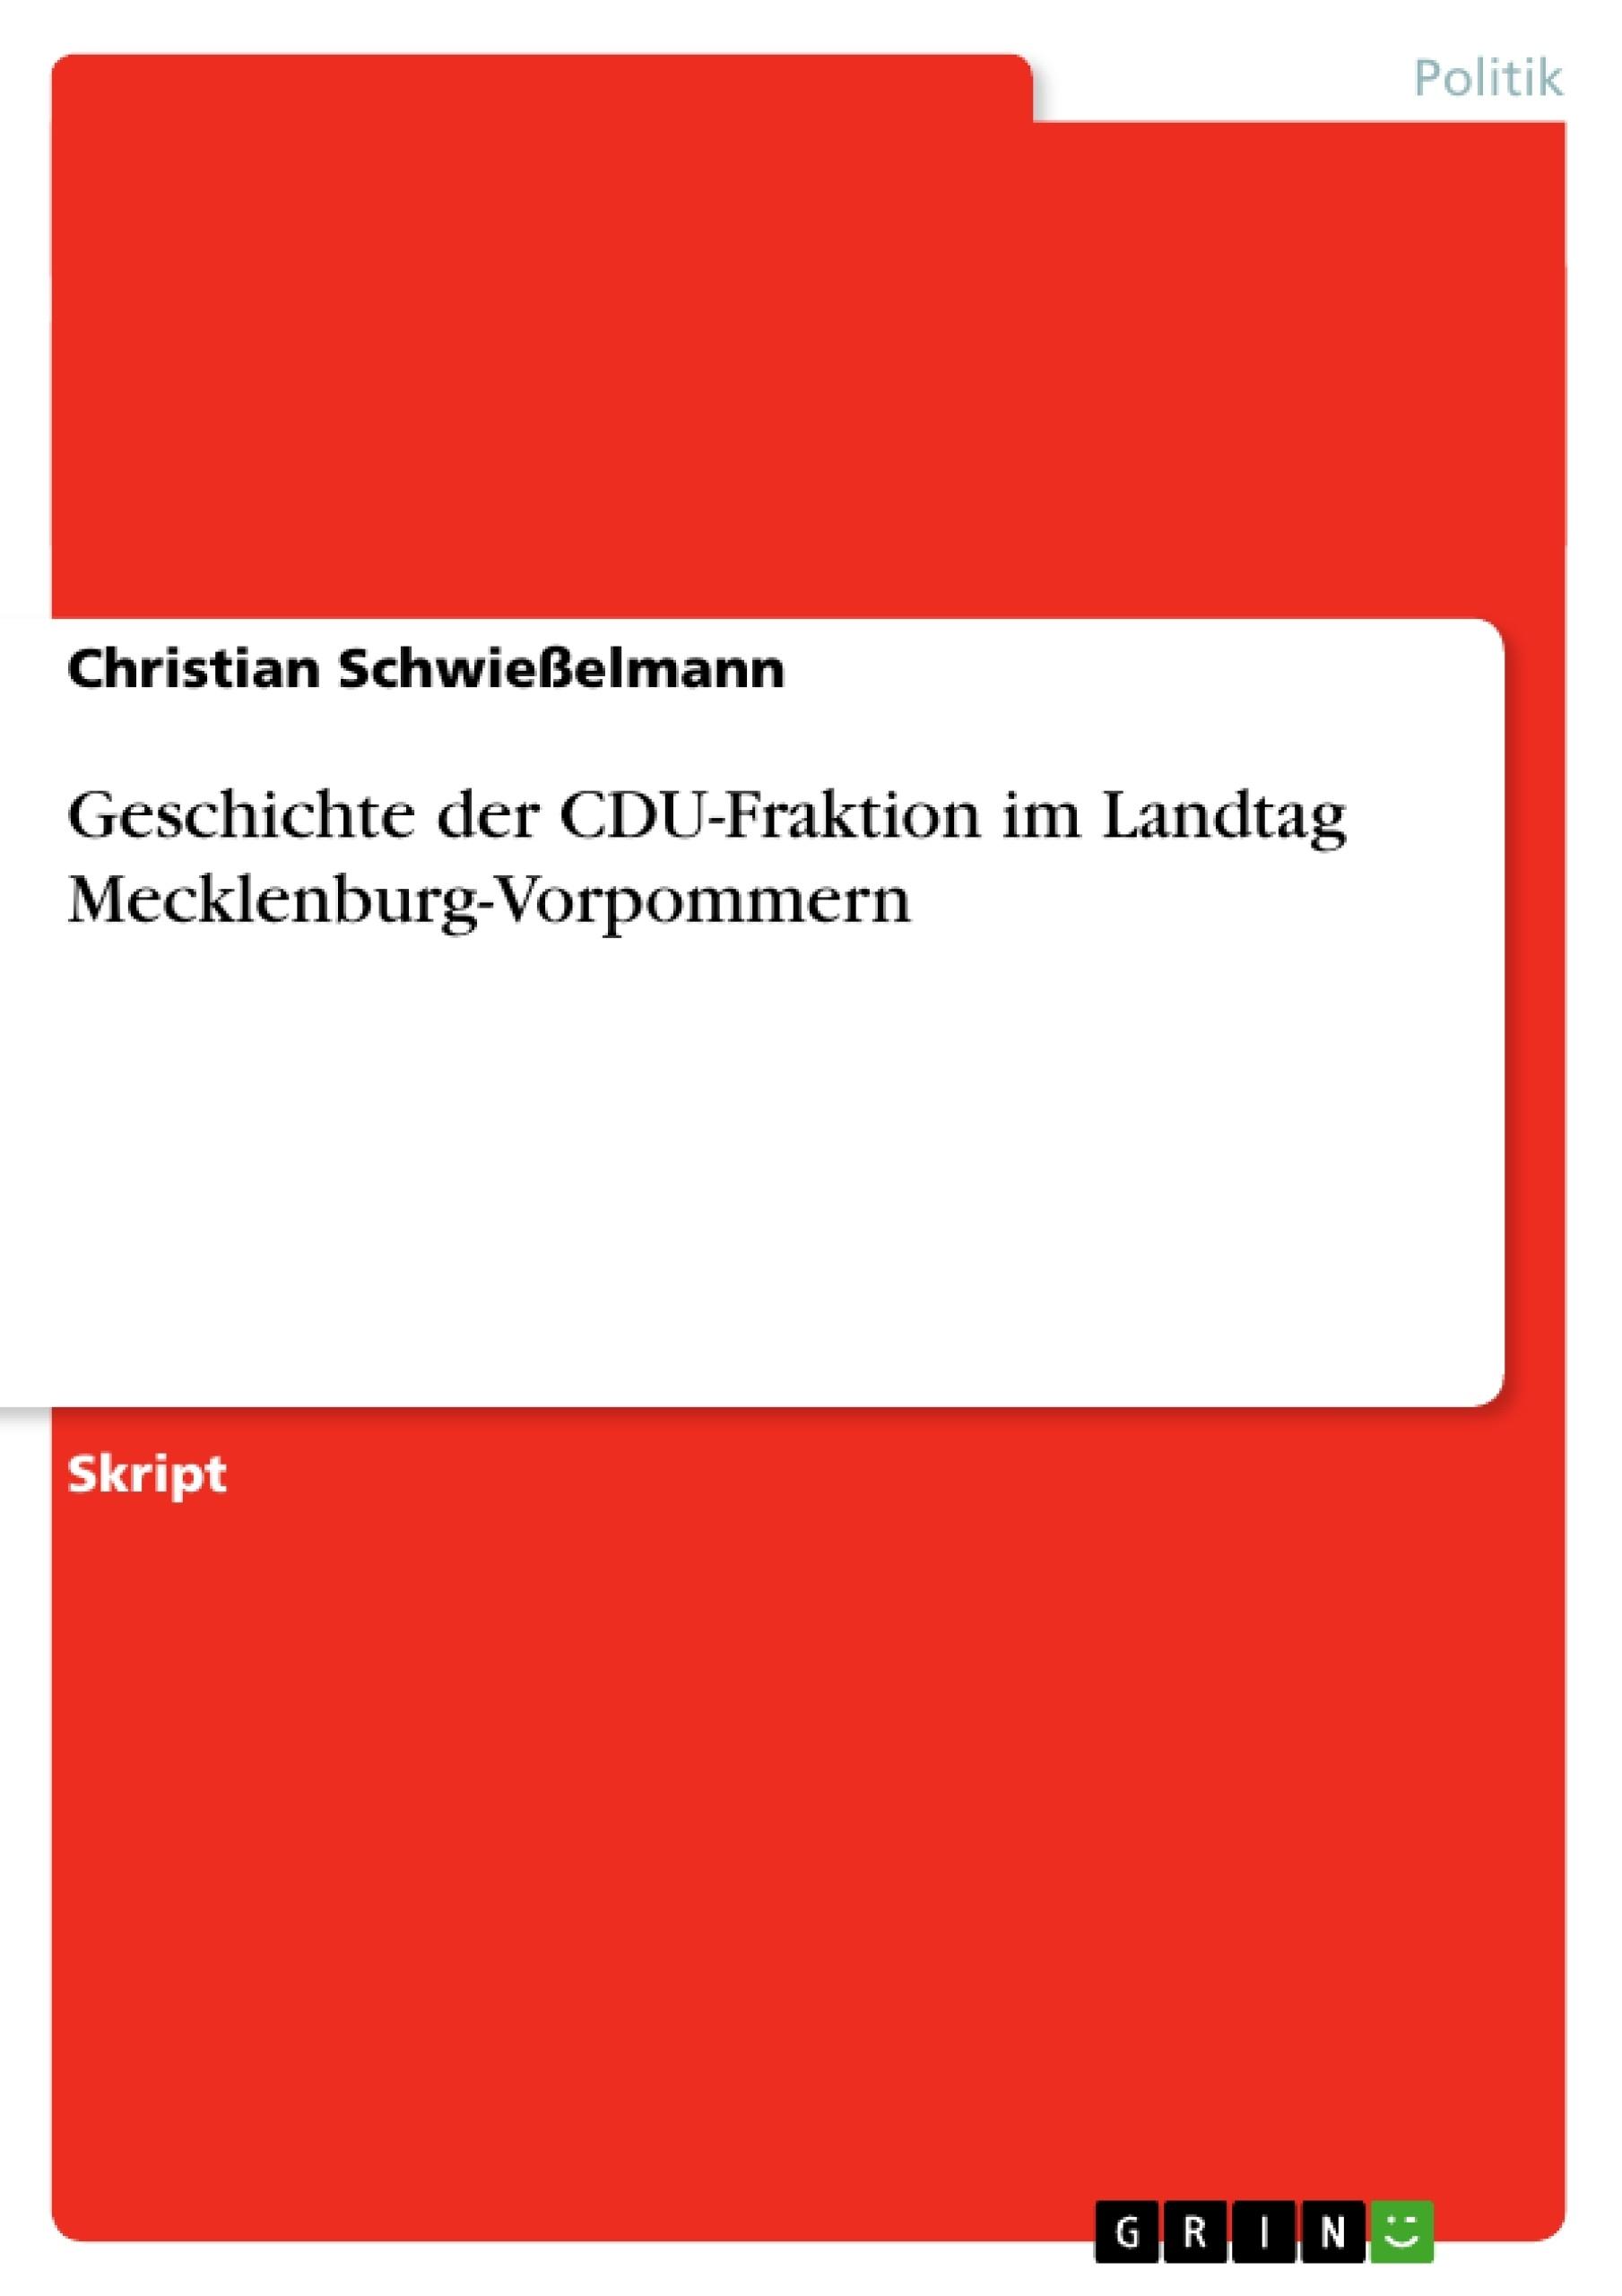 Titel: Geschichte der CDU-Fraktion im Landtag Mecklenburg-Vorpommern